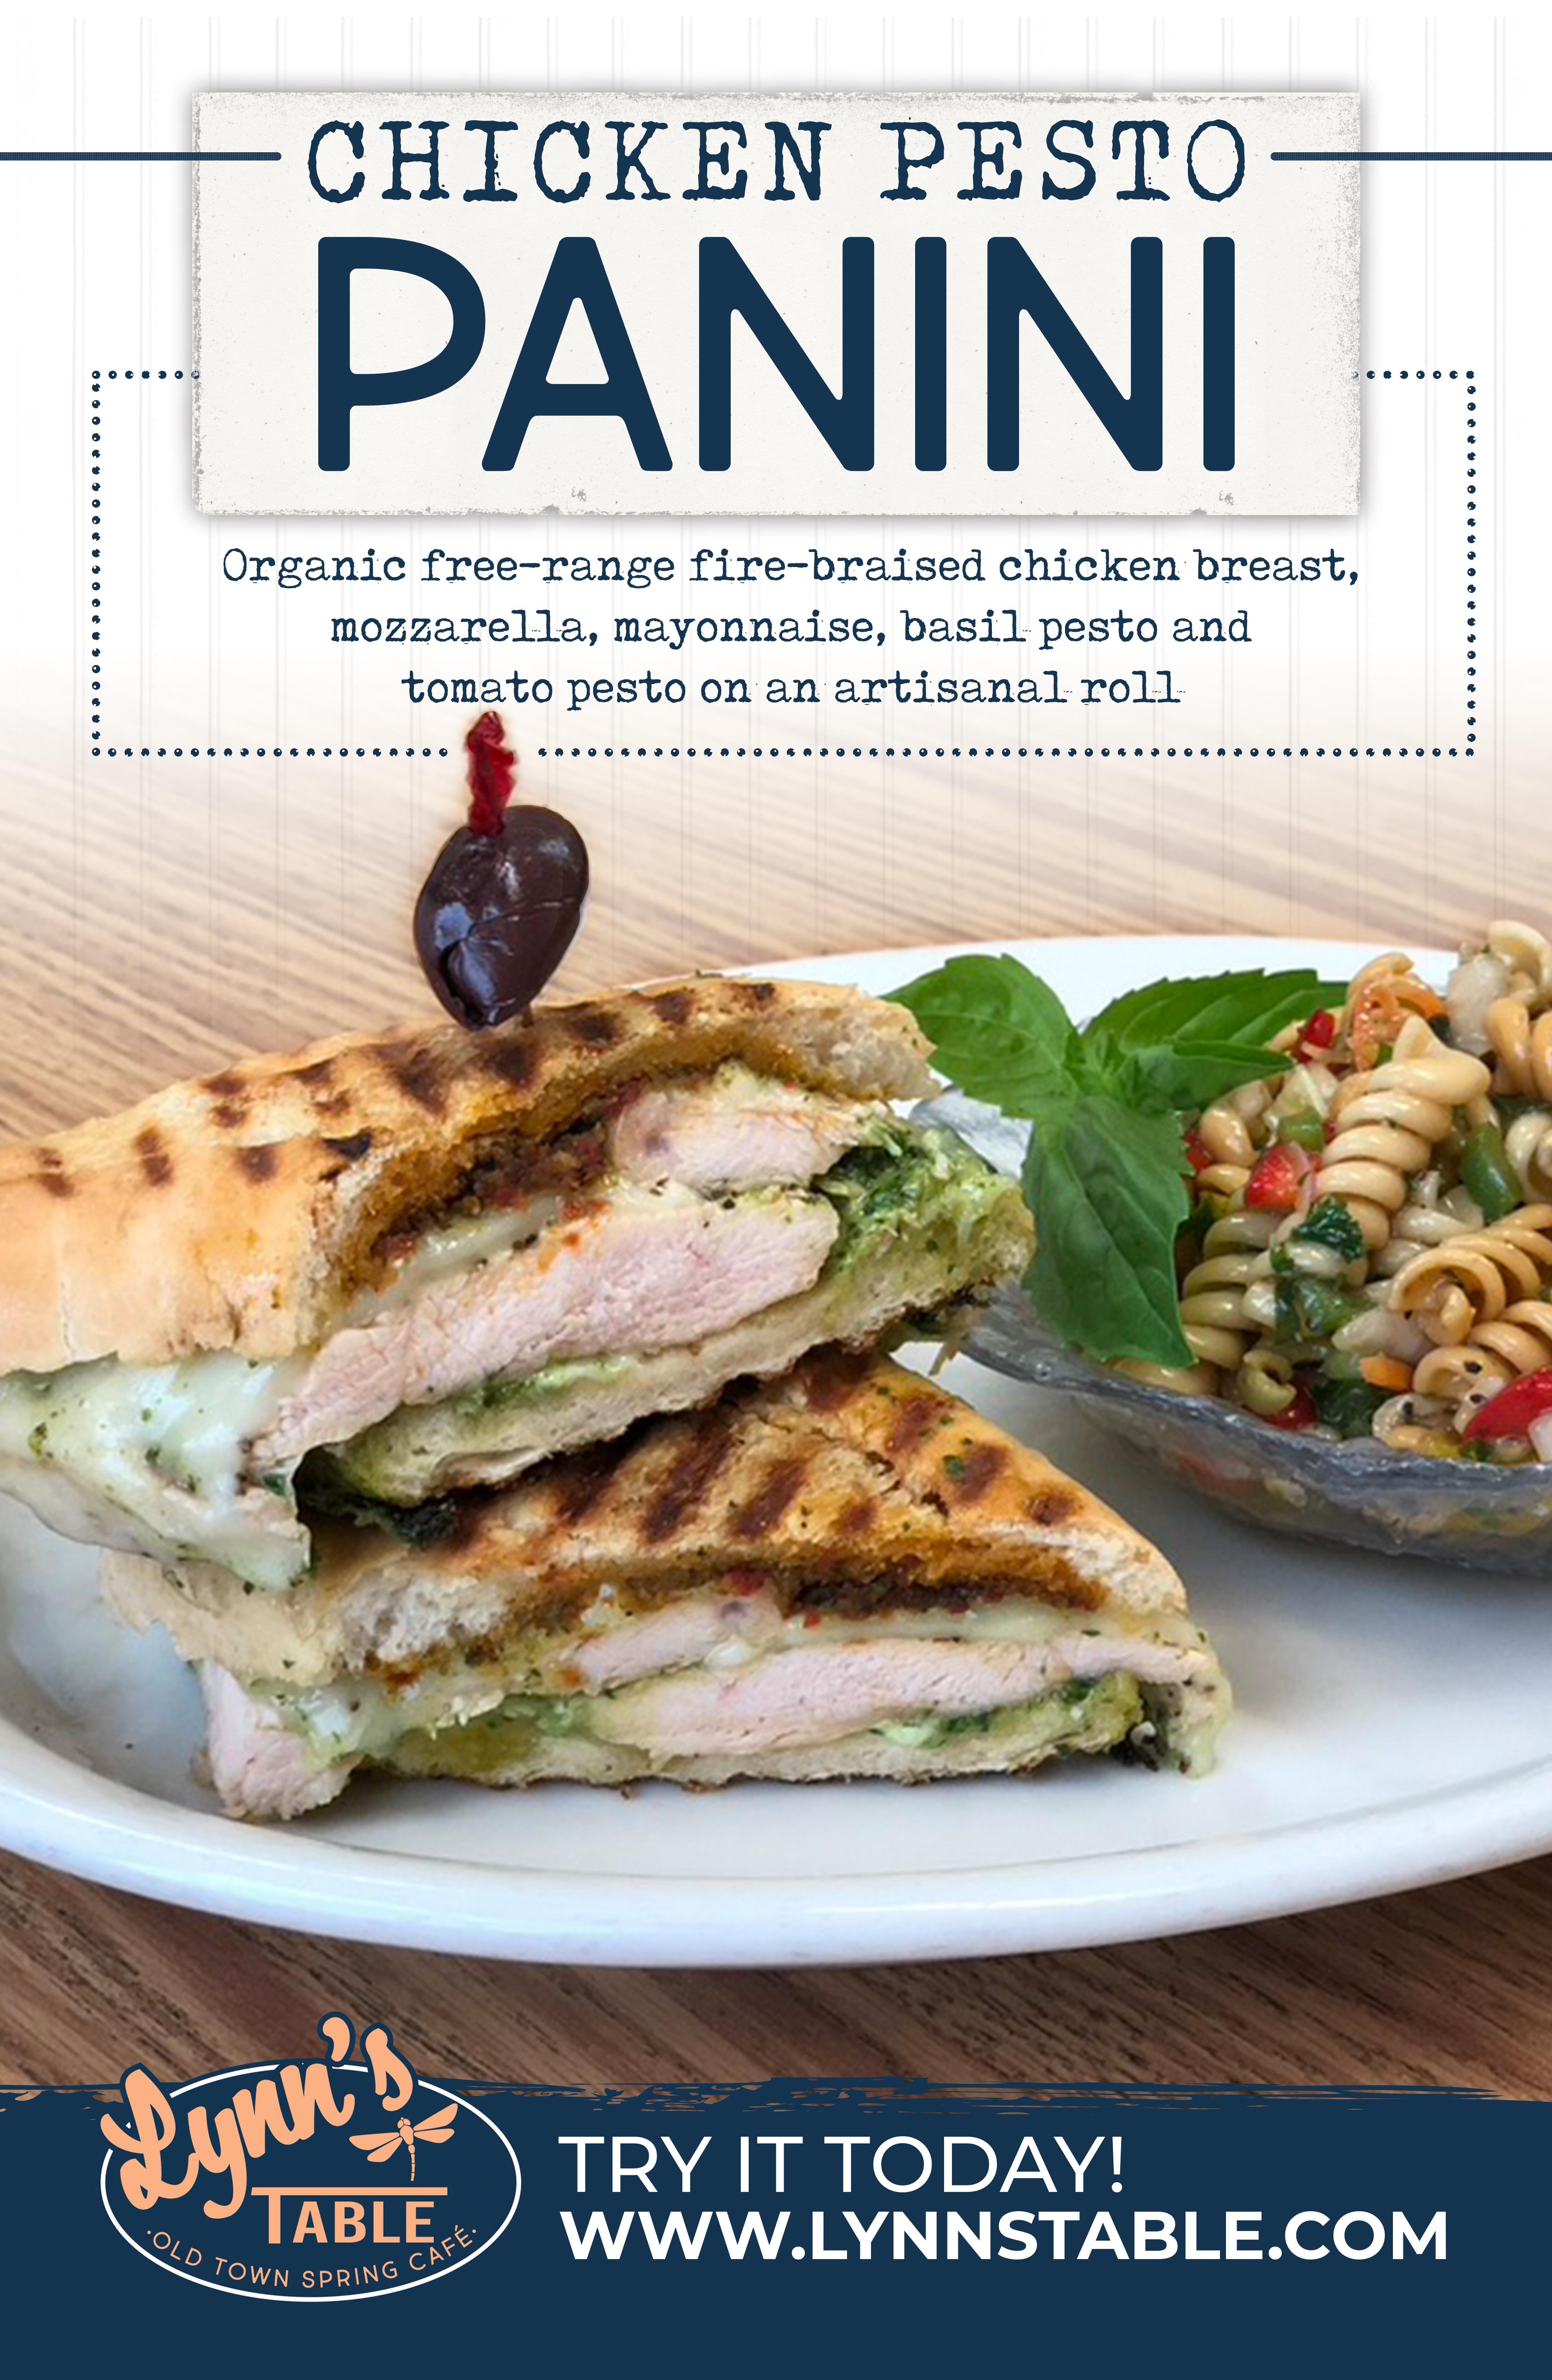 Chicken Pesto Panini - 11x17